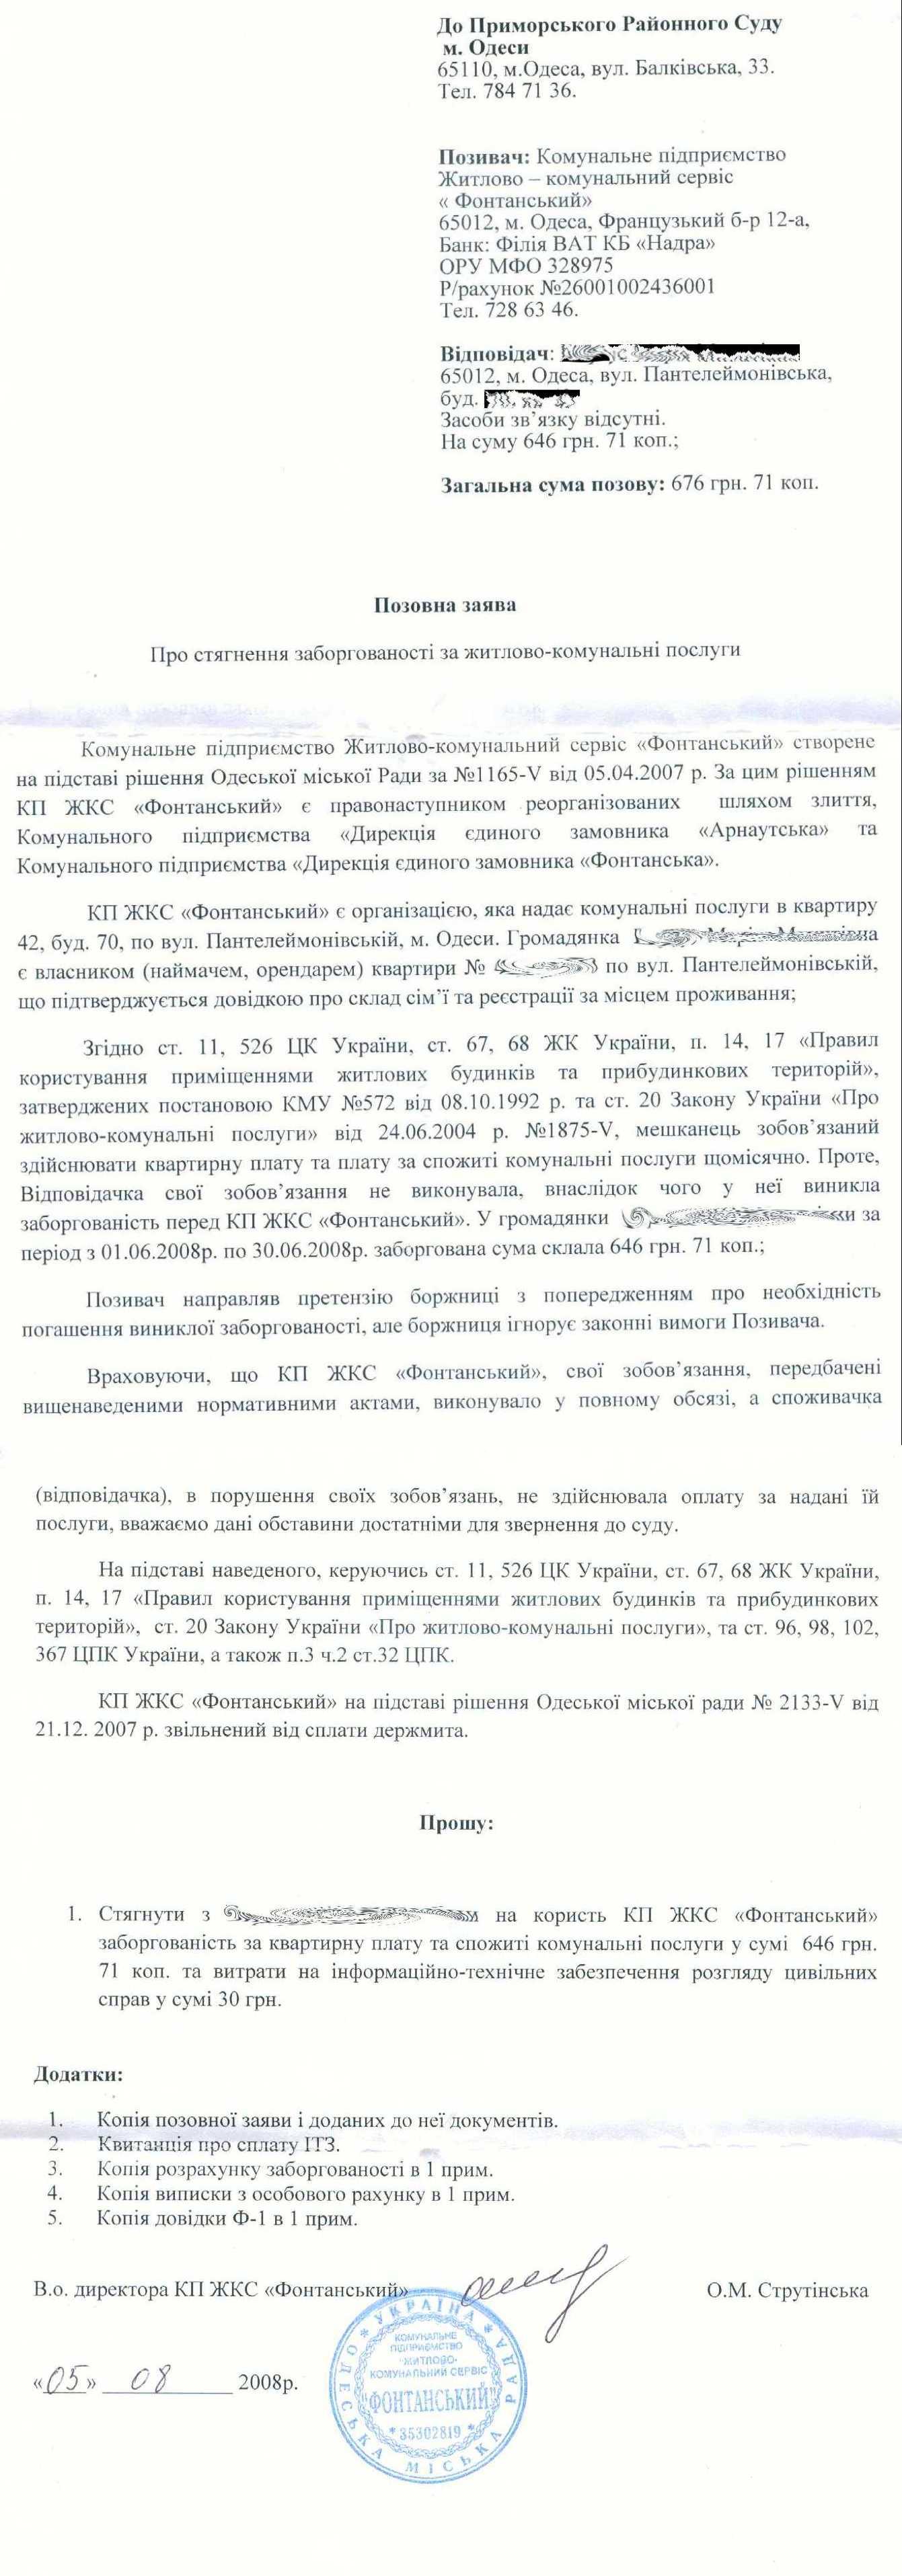 Исковые заявления в суд о перерасчете задолженности жку